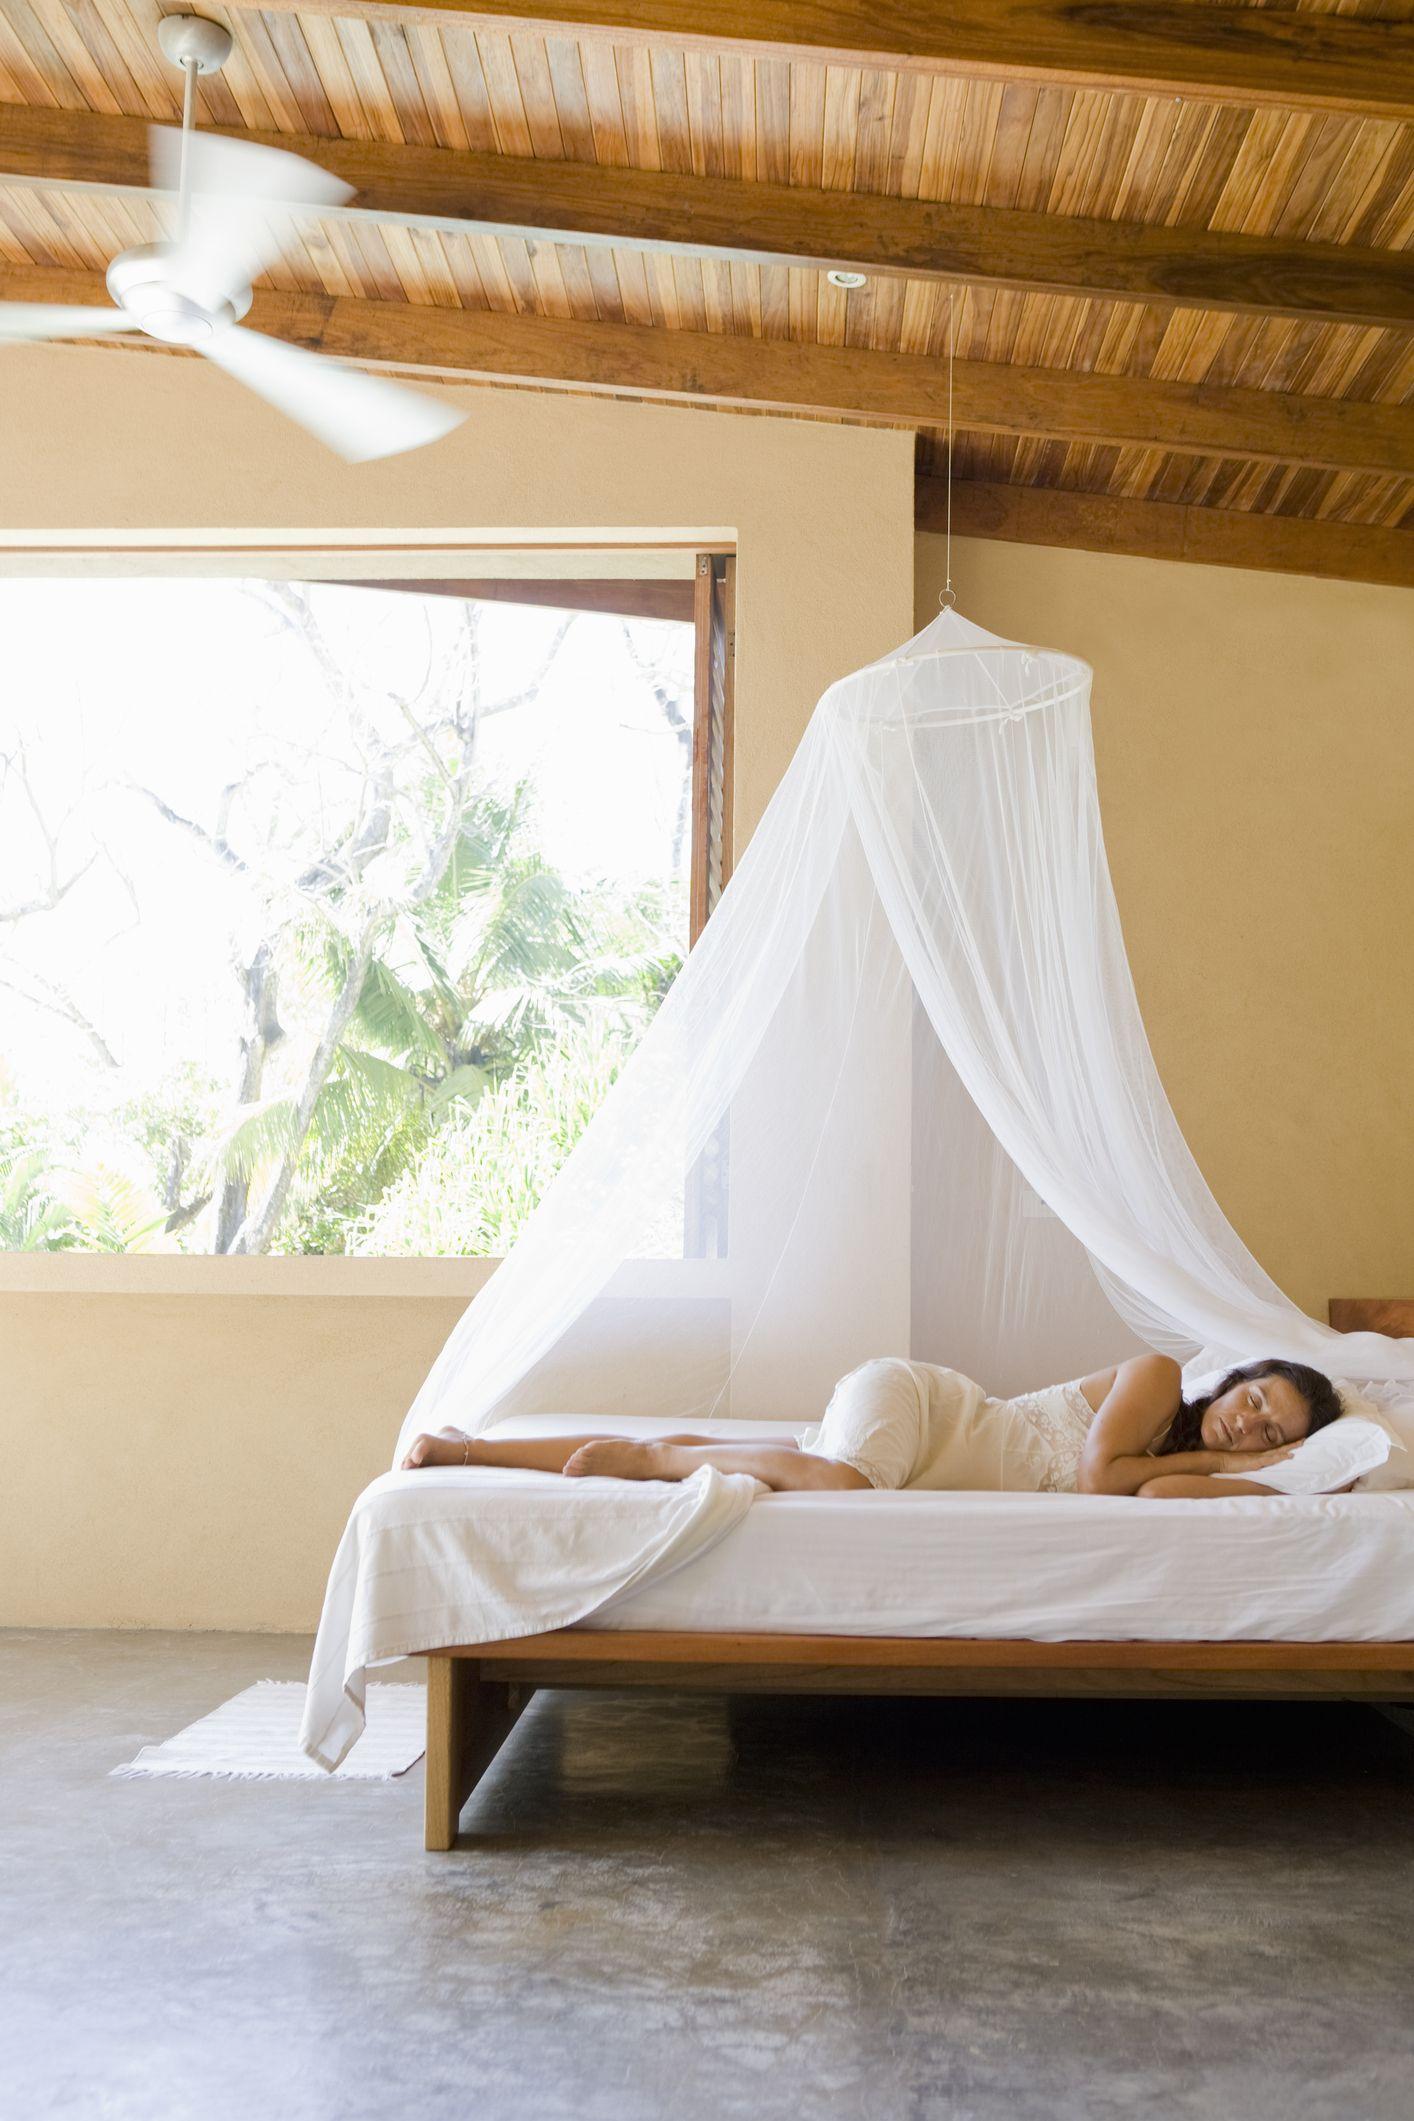 Dormitorio con ventilador en el techo